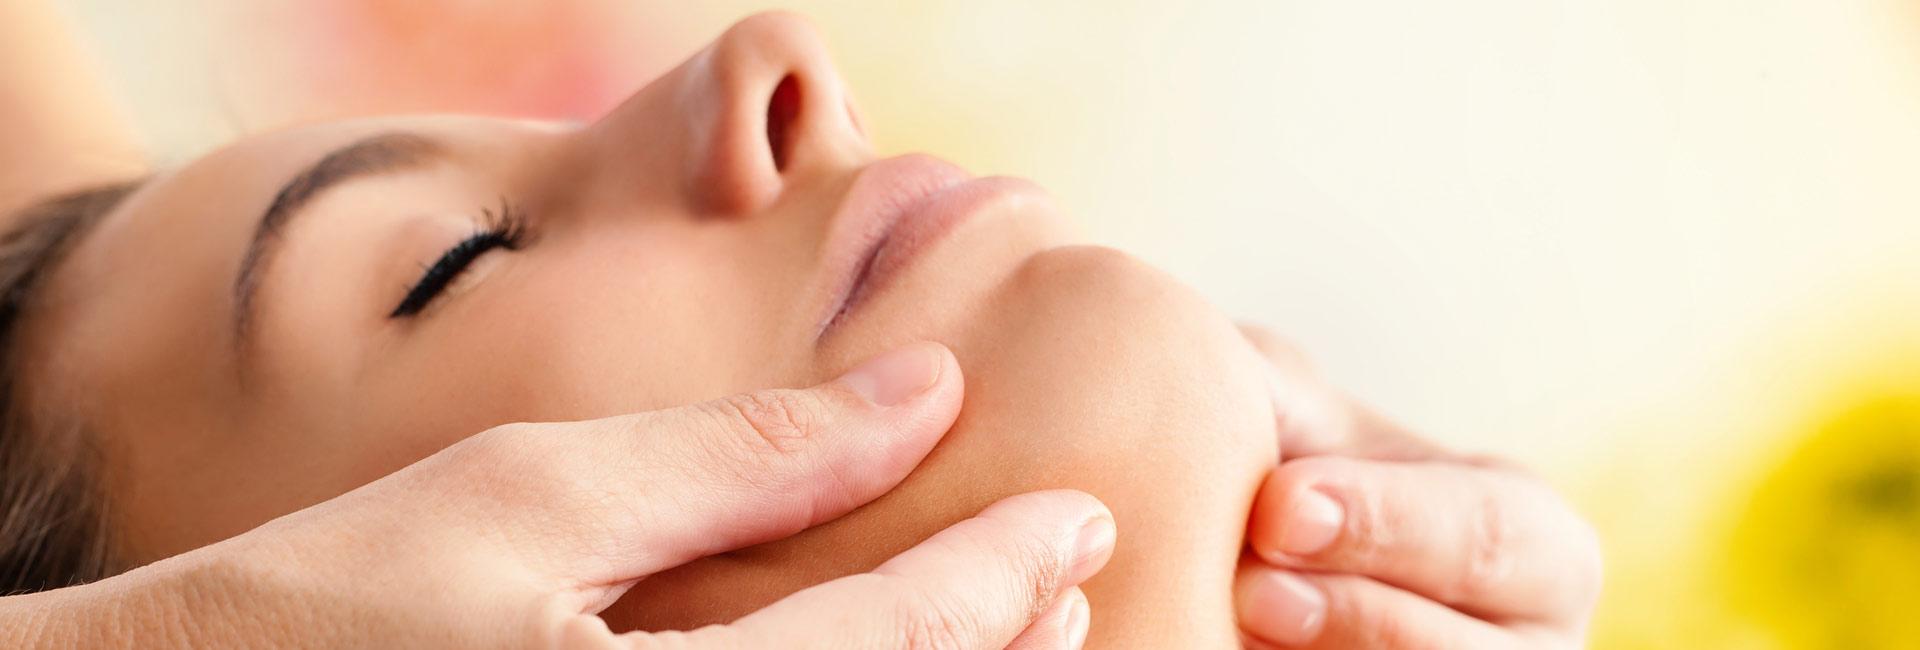 osteopathie_behandlung1_slide